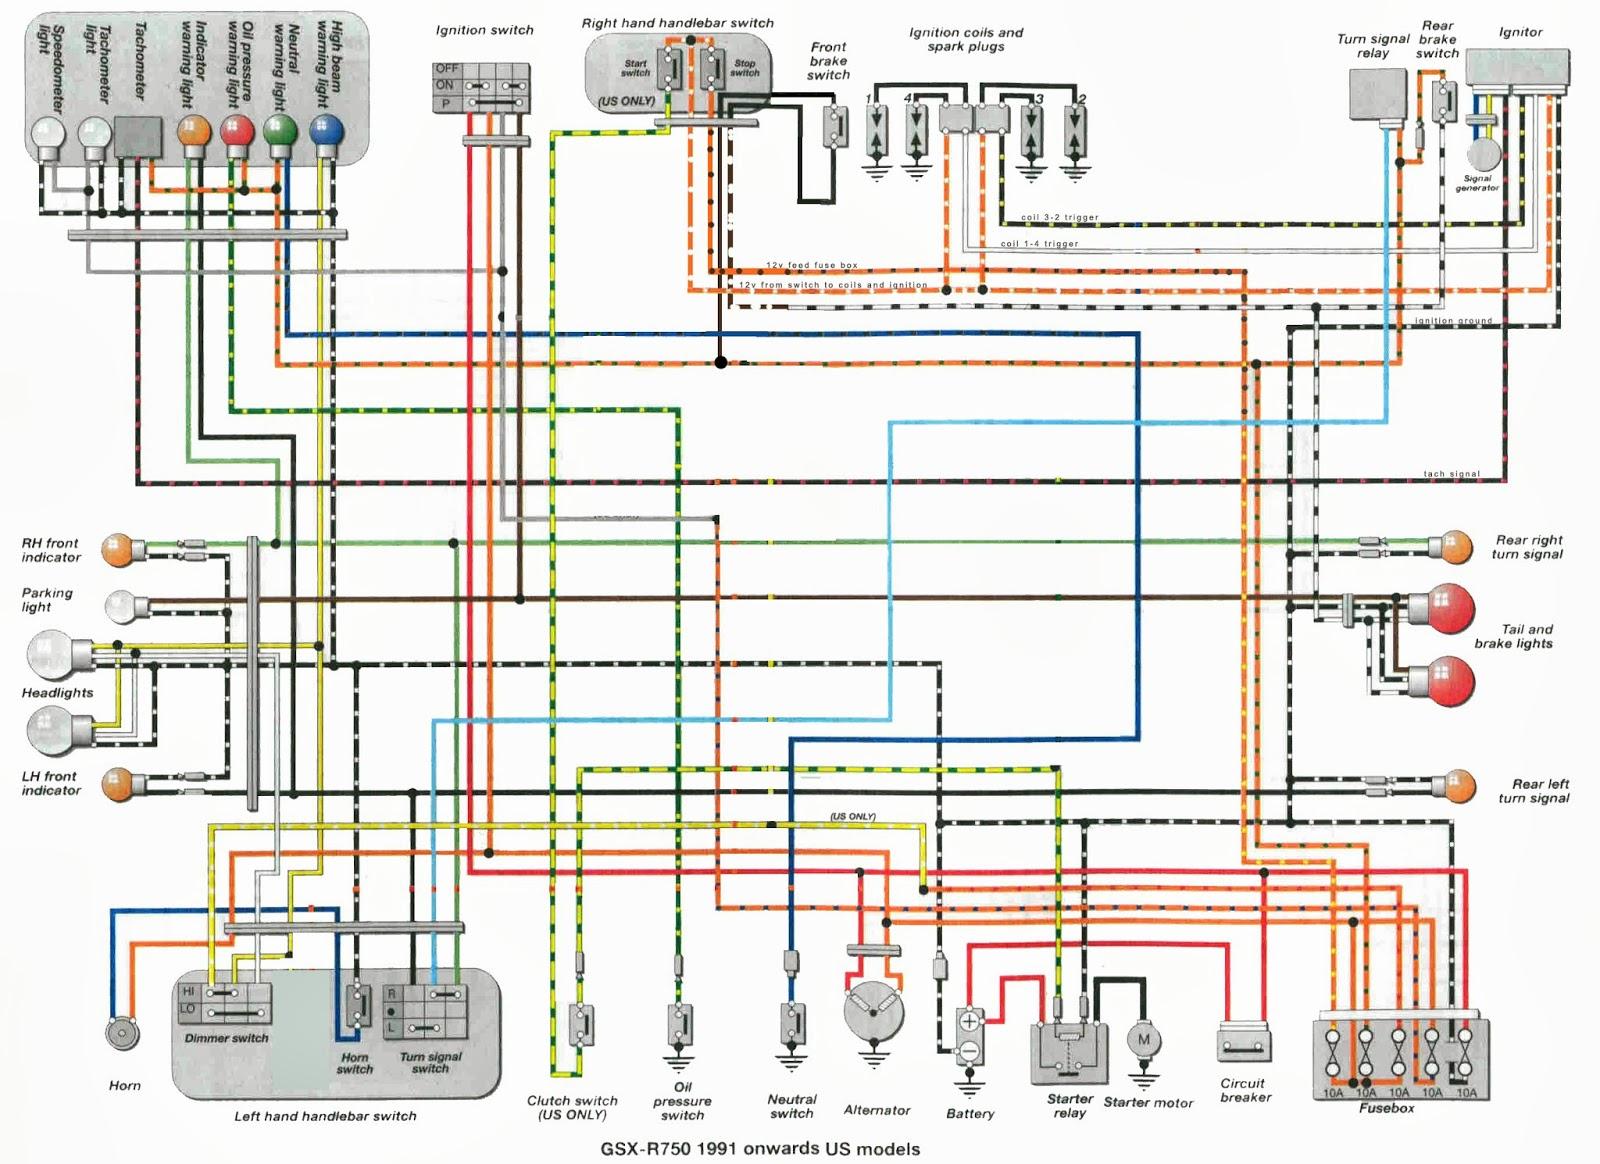 2002 gsxr 1000 wiring diagram wiring schematics diagram 2006 suzuki gsxr  600 wiring diagram 02 suzuki